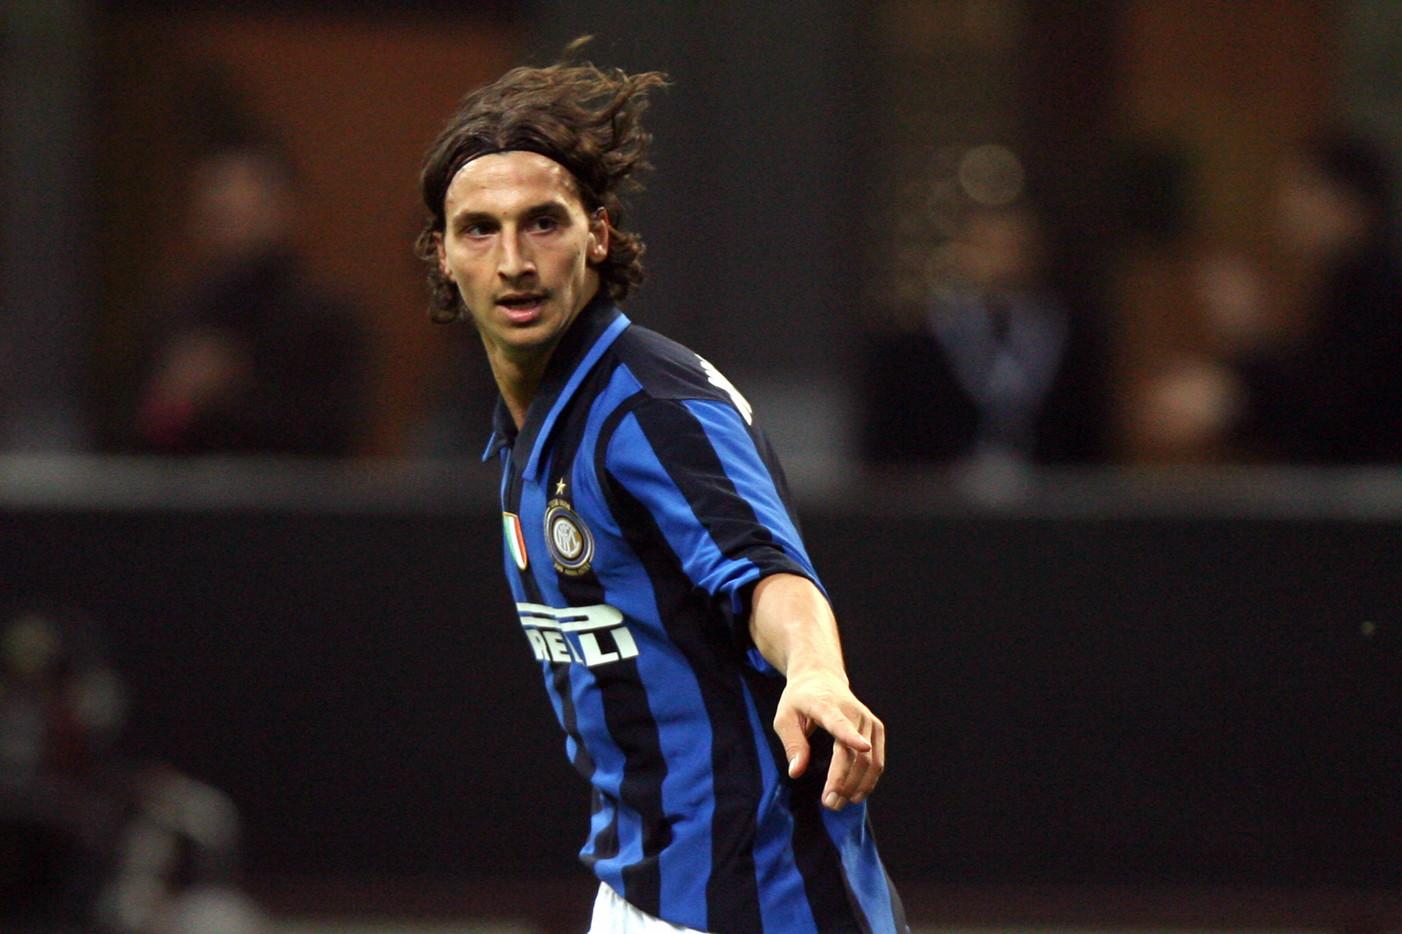 Zlatan Ibrahimovic 2006: lo svedese vuole andarsene dalla Juventus post Calciopoli e preferisce l'Inter già qualificata in Champions (il Milan ci arriverà dai preliminari)